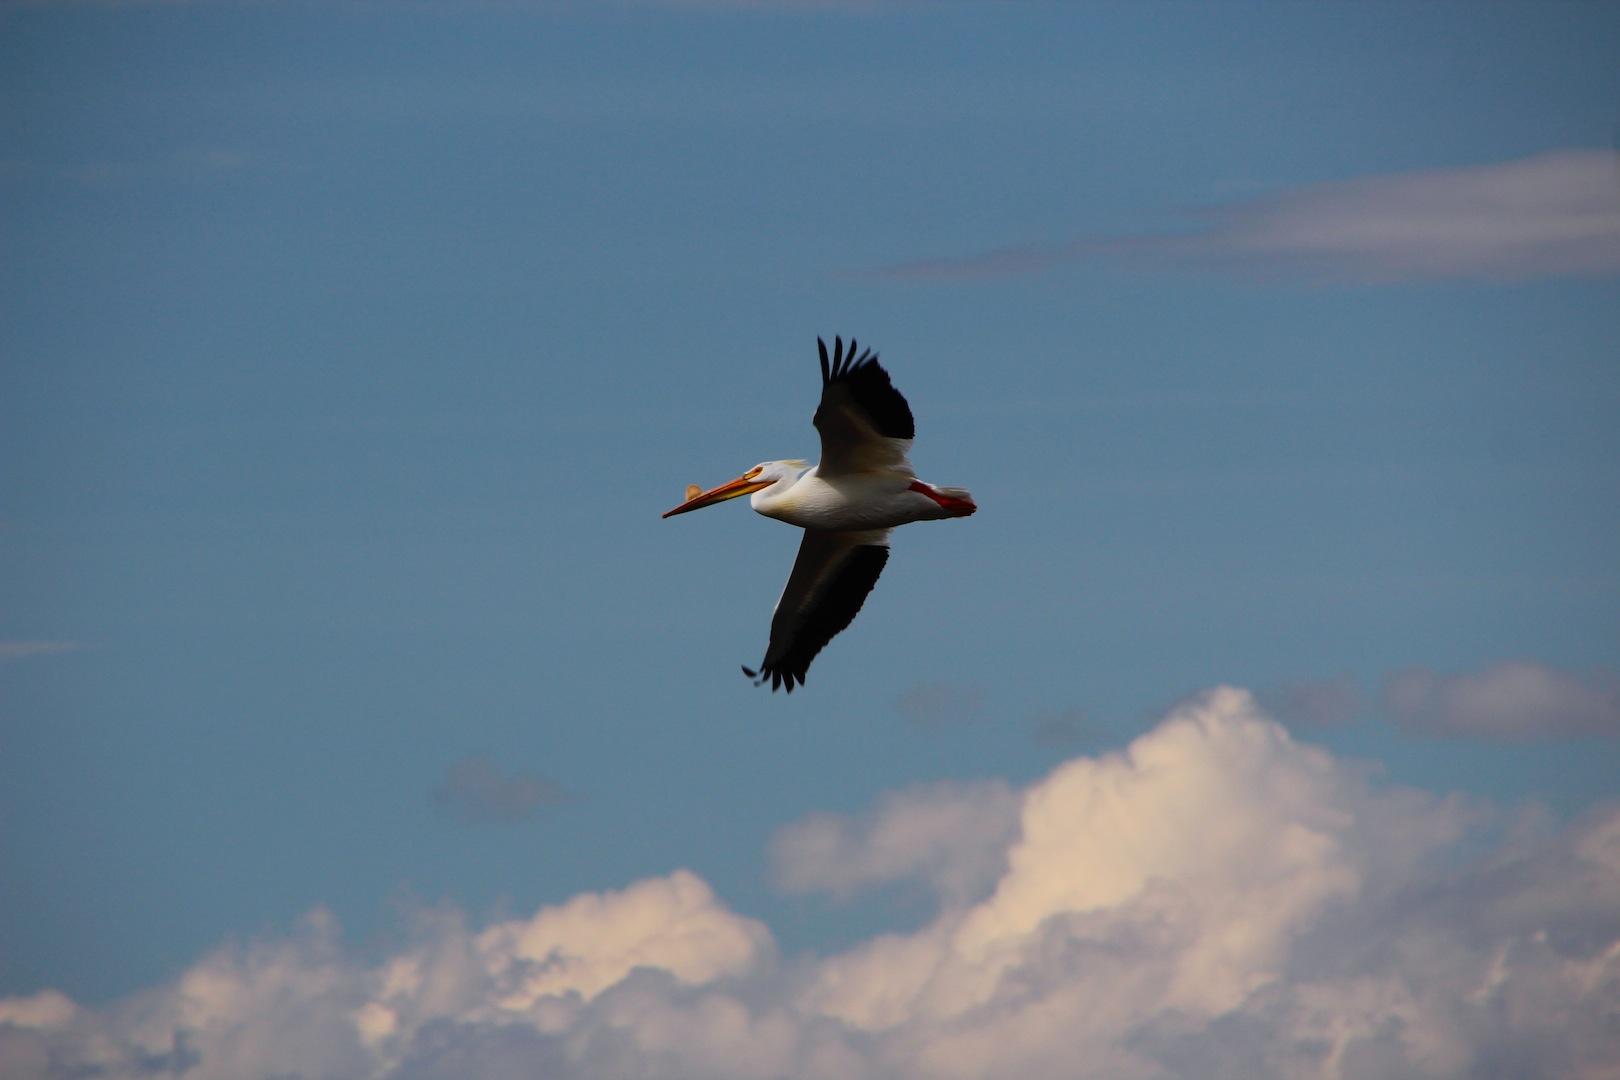 006 - Pelican